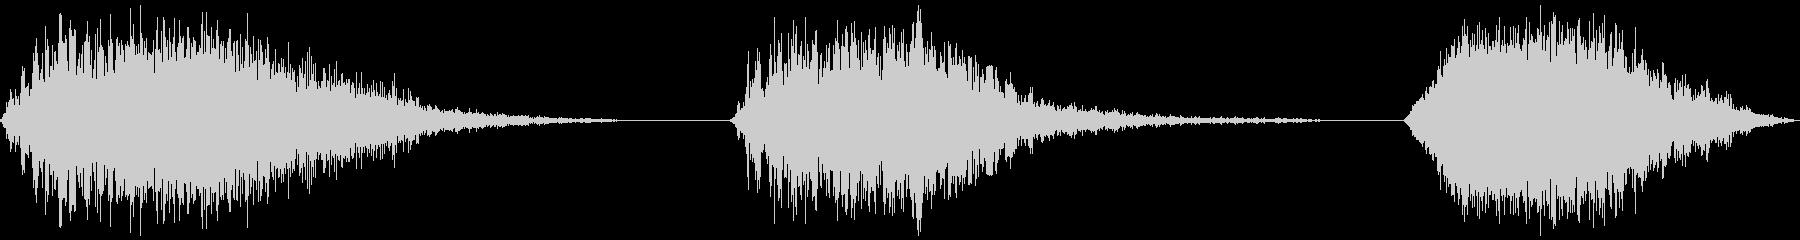 スペースパス、3バージョン、高、低...の未再生の波形